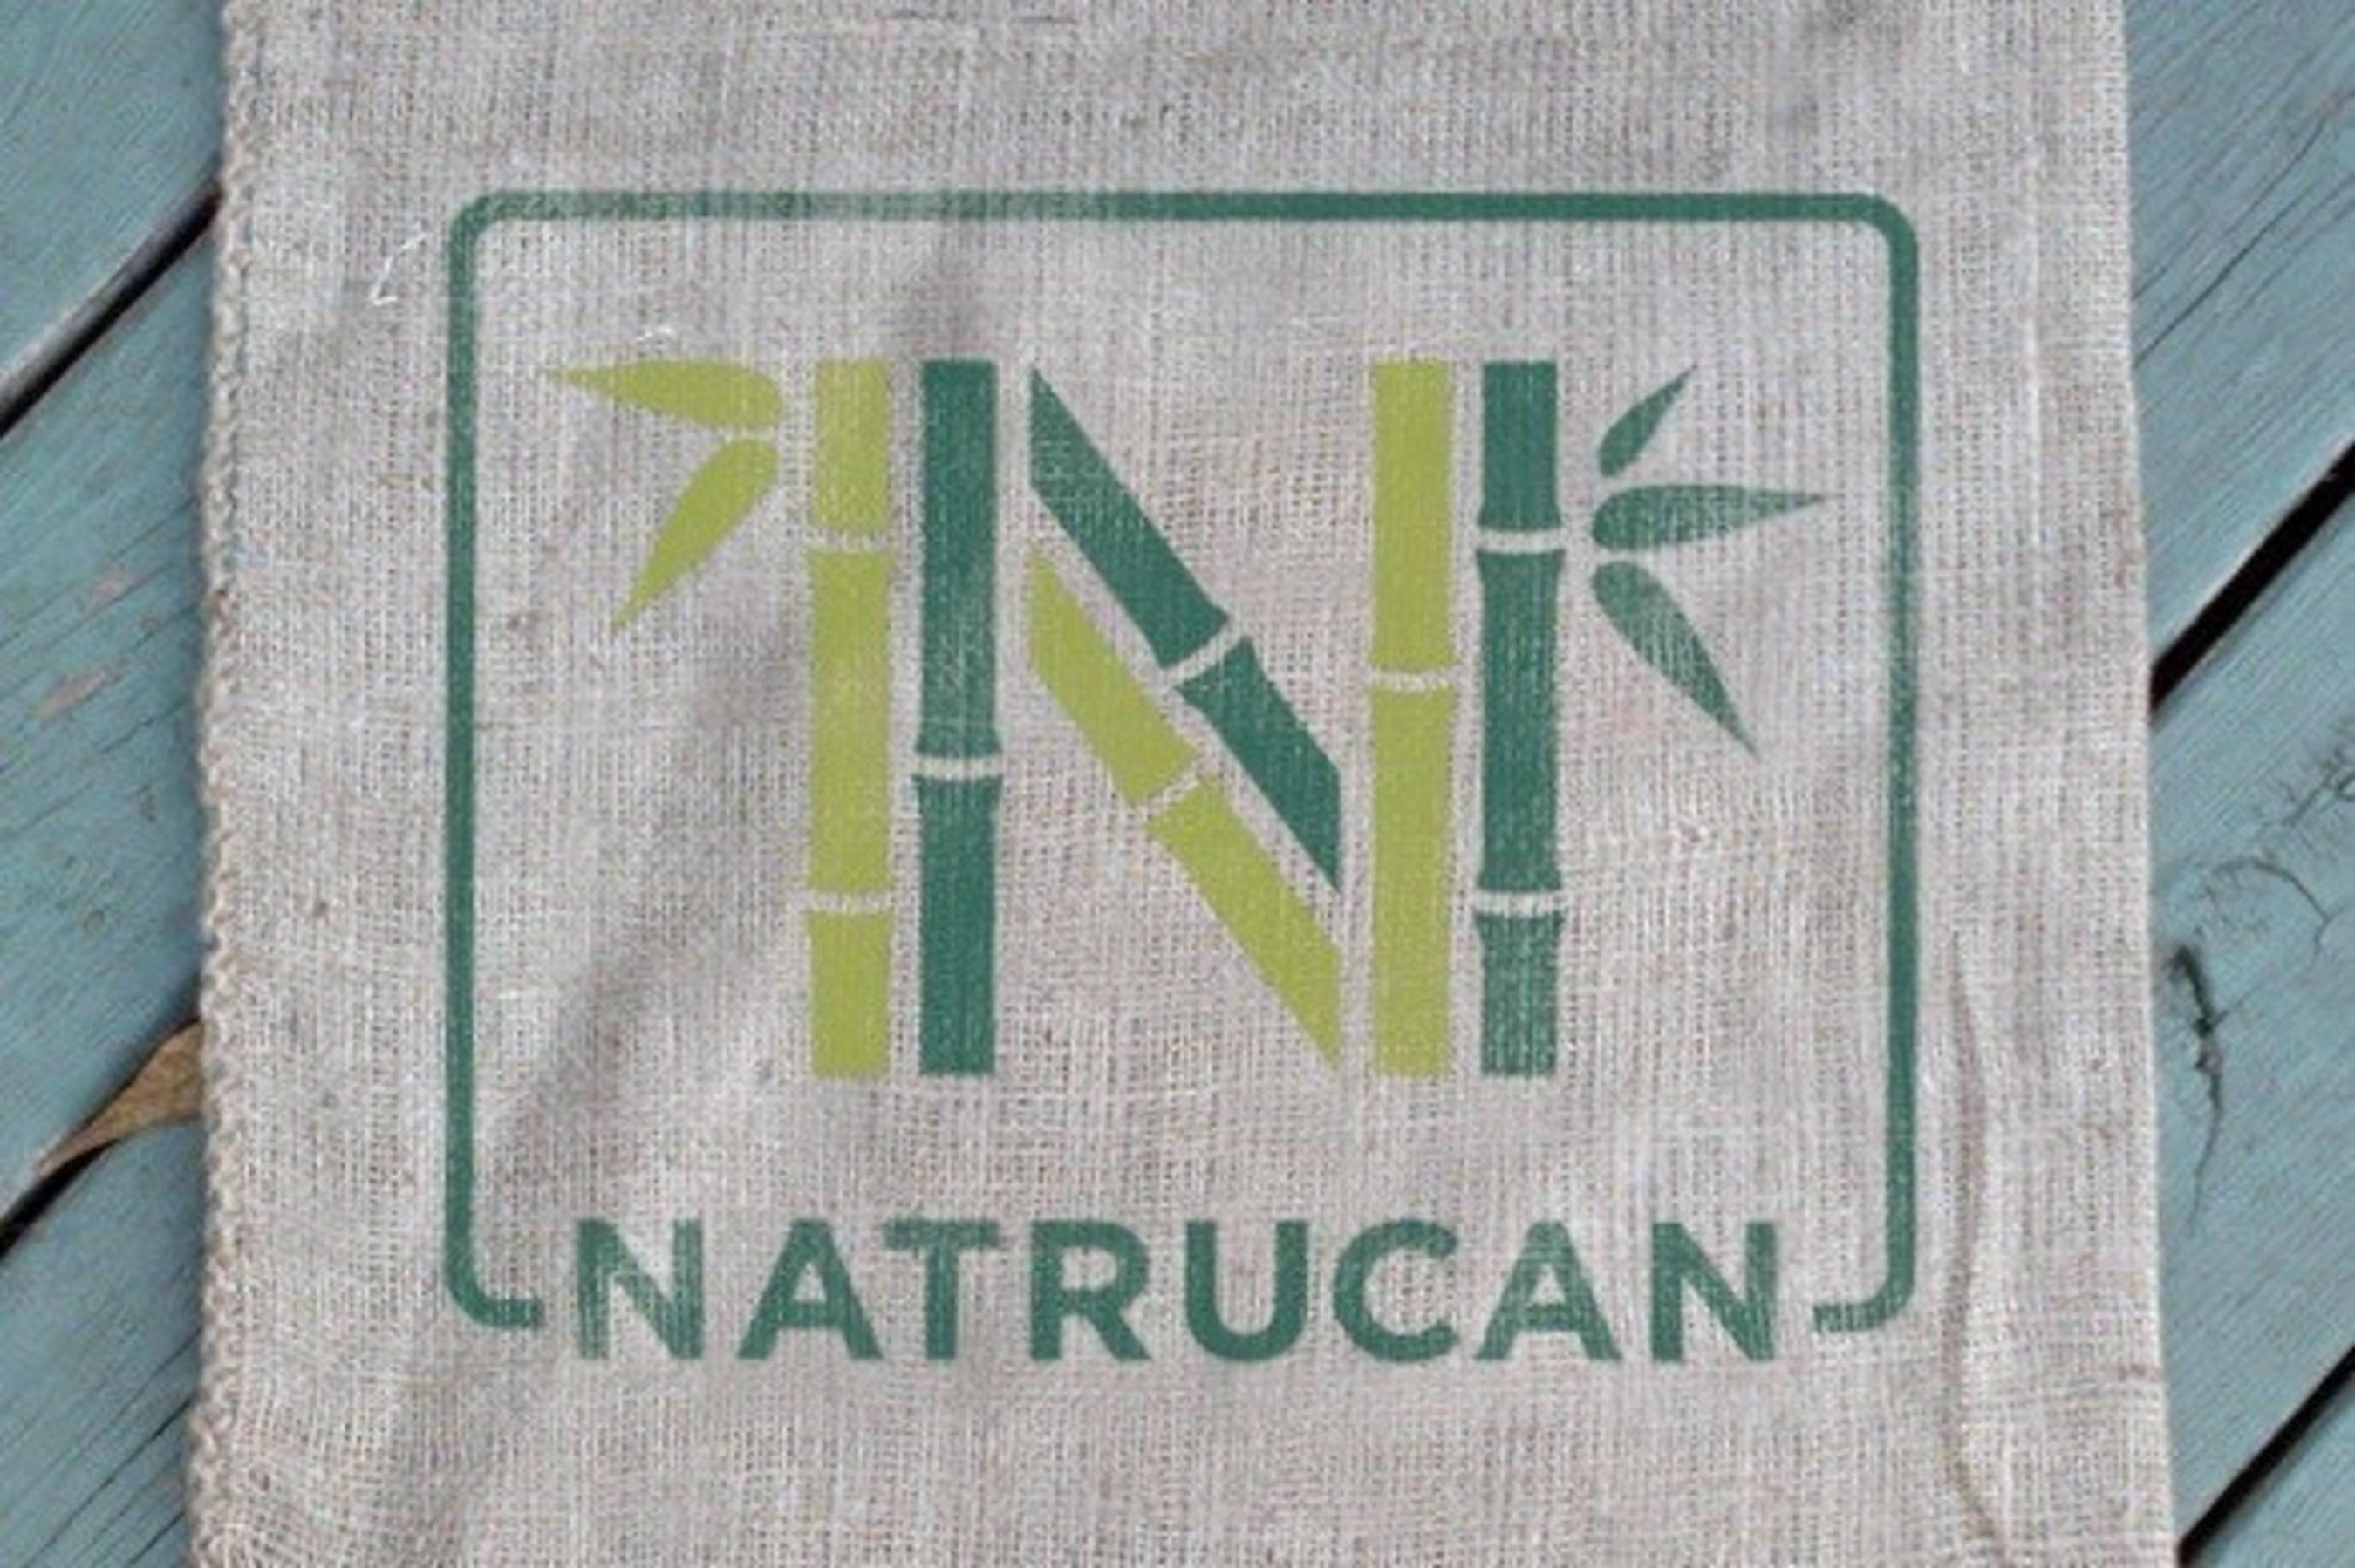 'NATRUCAN®' melhora tanto a fermentação de etanol quanto a venda de subprodutos de levedura